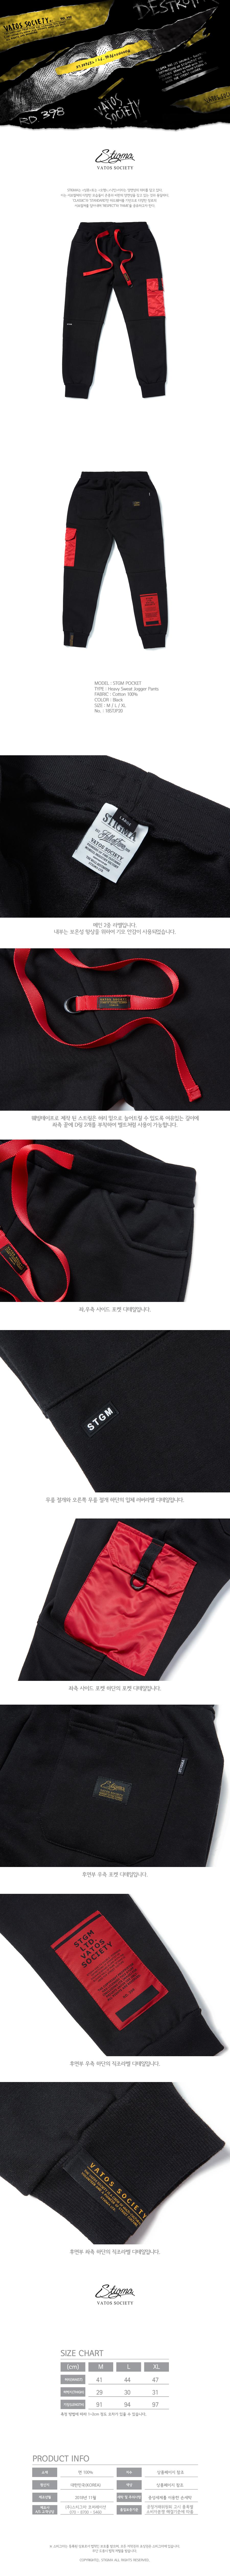 스티그마 STIGMA STGM POCKET HEAVY SWEAT JOGGER PANTS BLACK